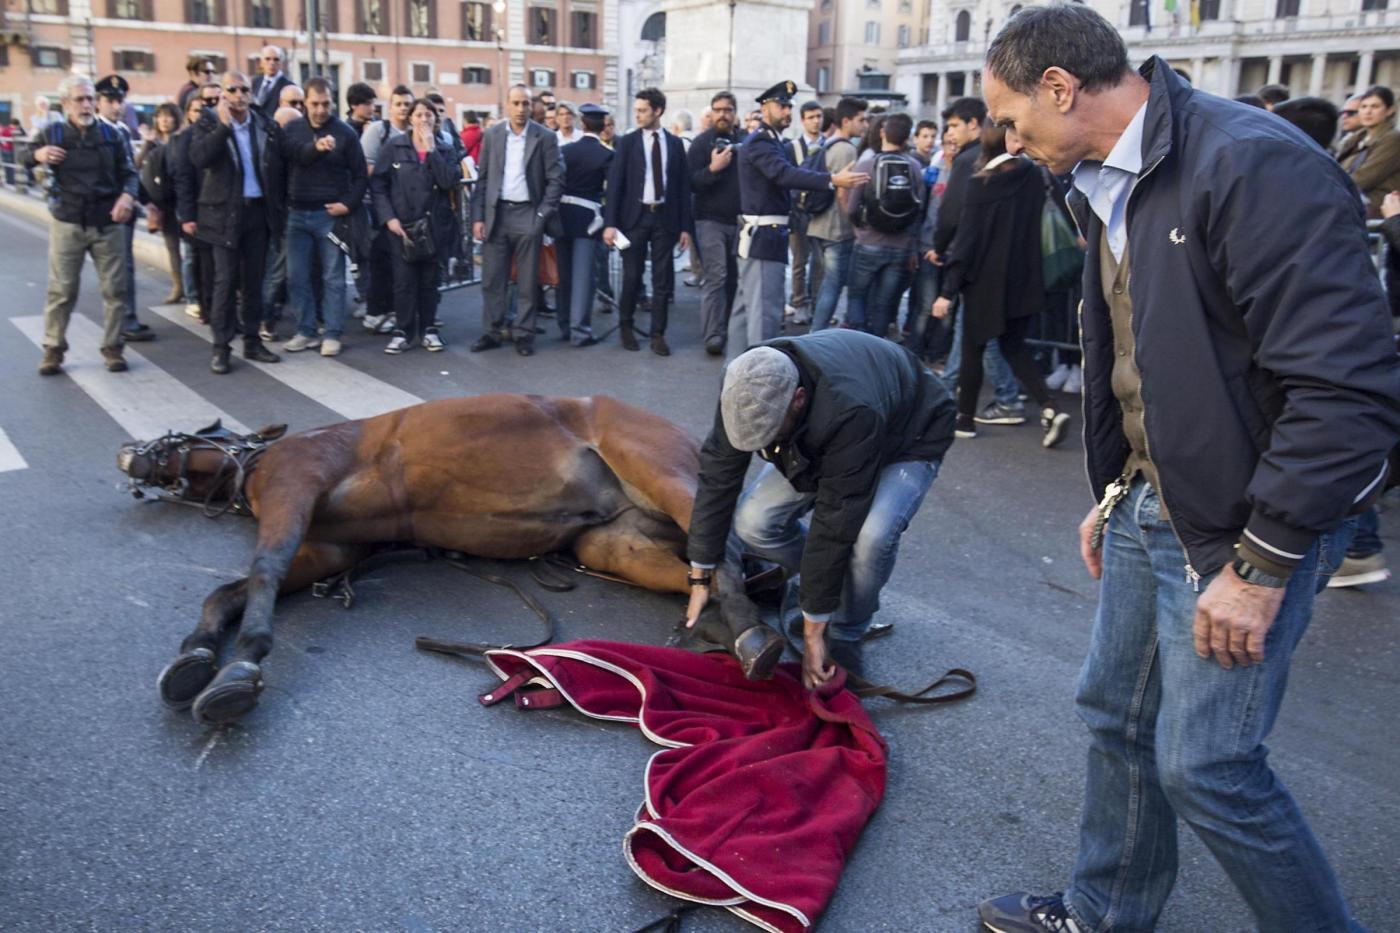 Botticelle a Roma, cavallo stramazza al suolo a largo Chighi